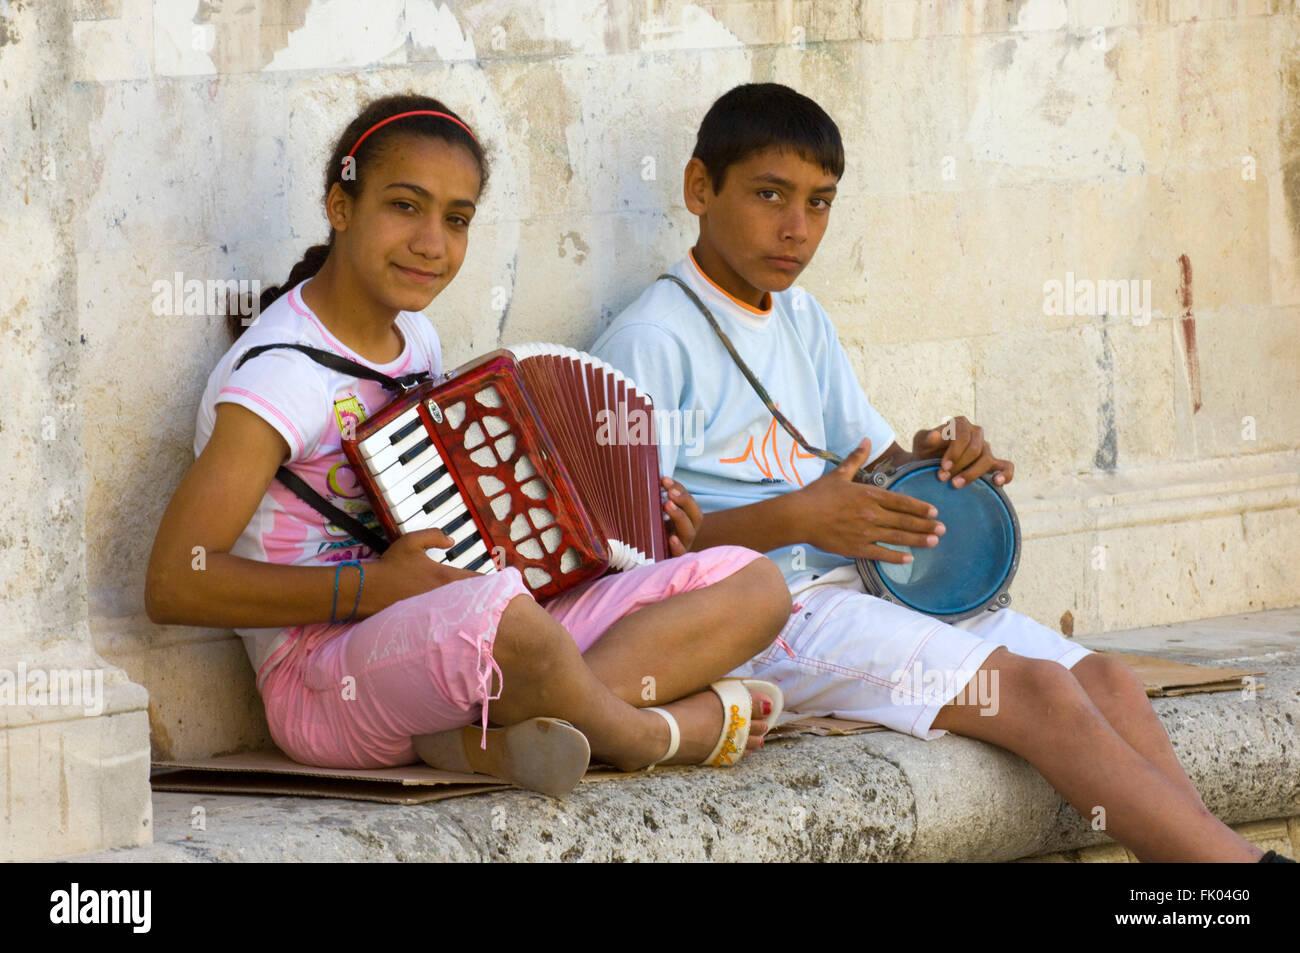 Griechenland, Kreta, Heraklion, junge Strassenmusikanten Stock Photo